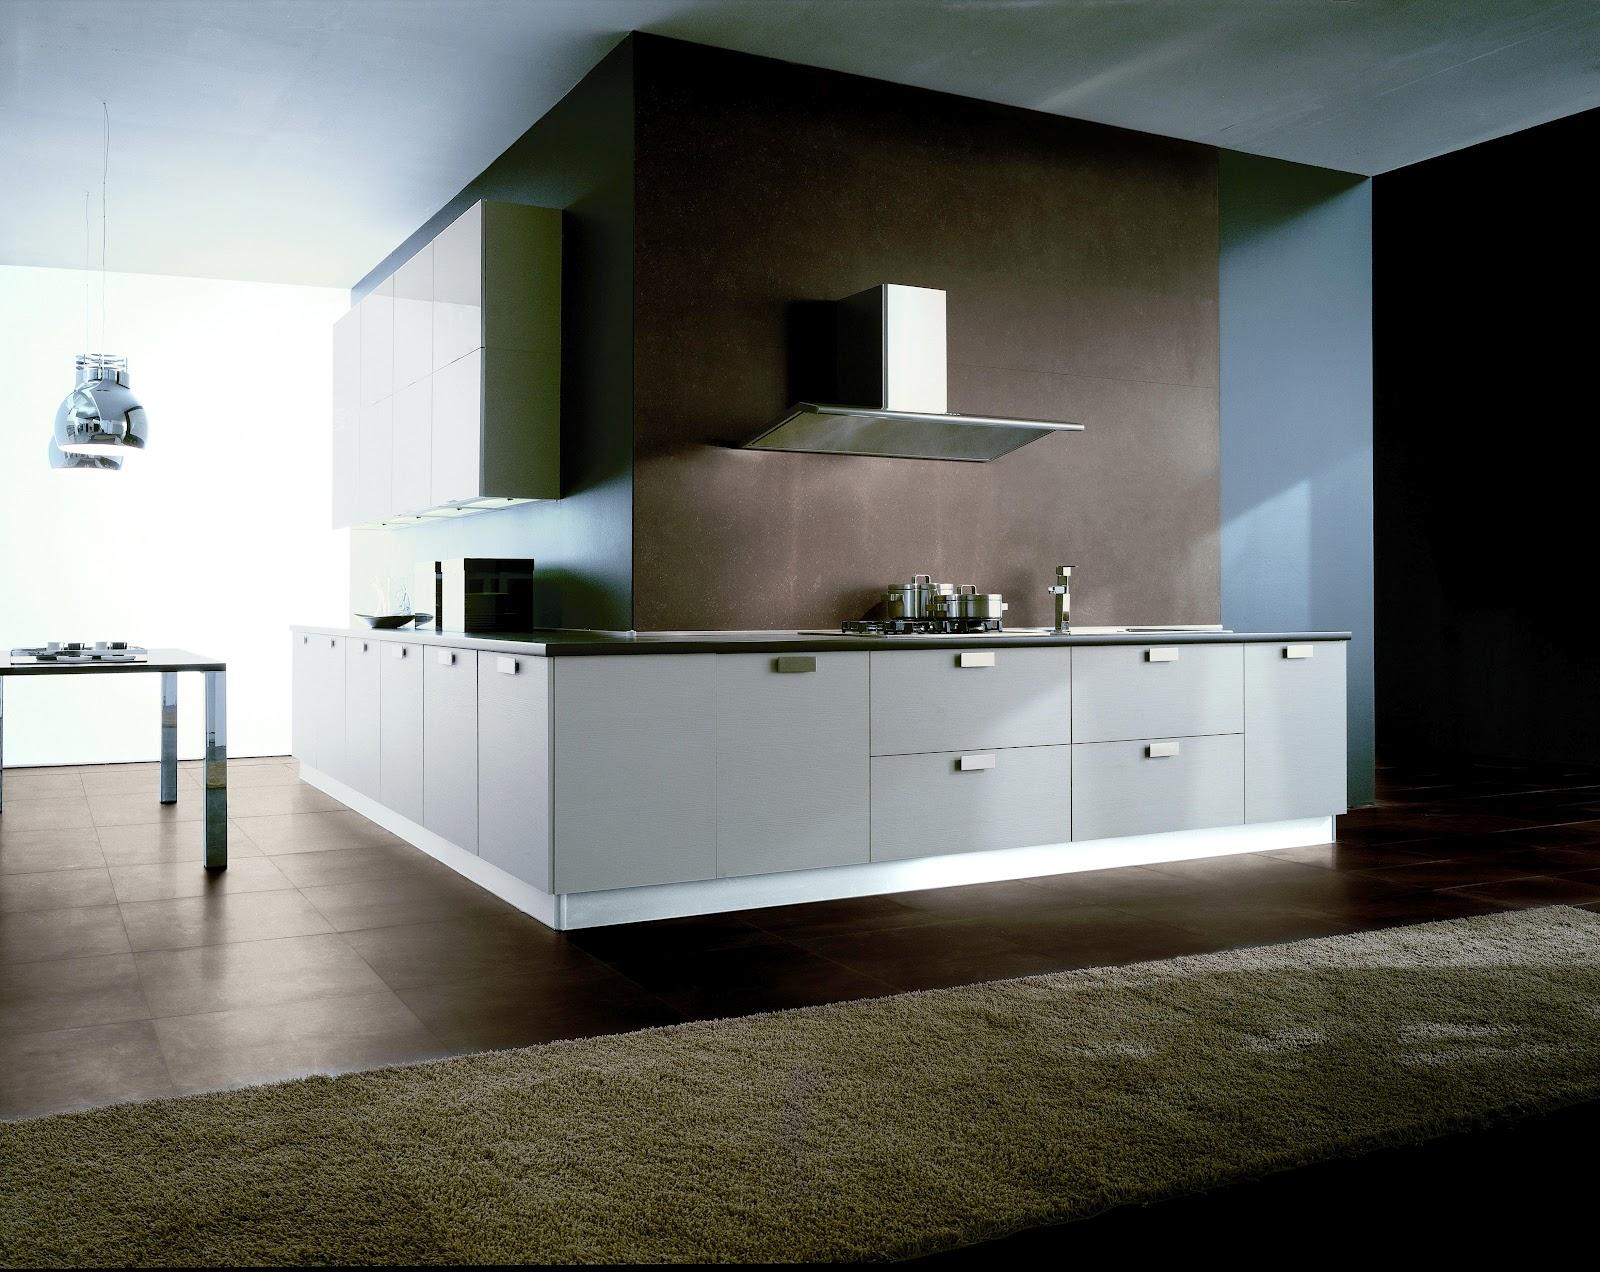 Lucas Designer de Interiores: Referências Projetos de Cozinha #222014 1600 1272